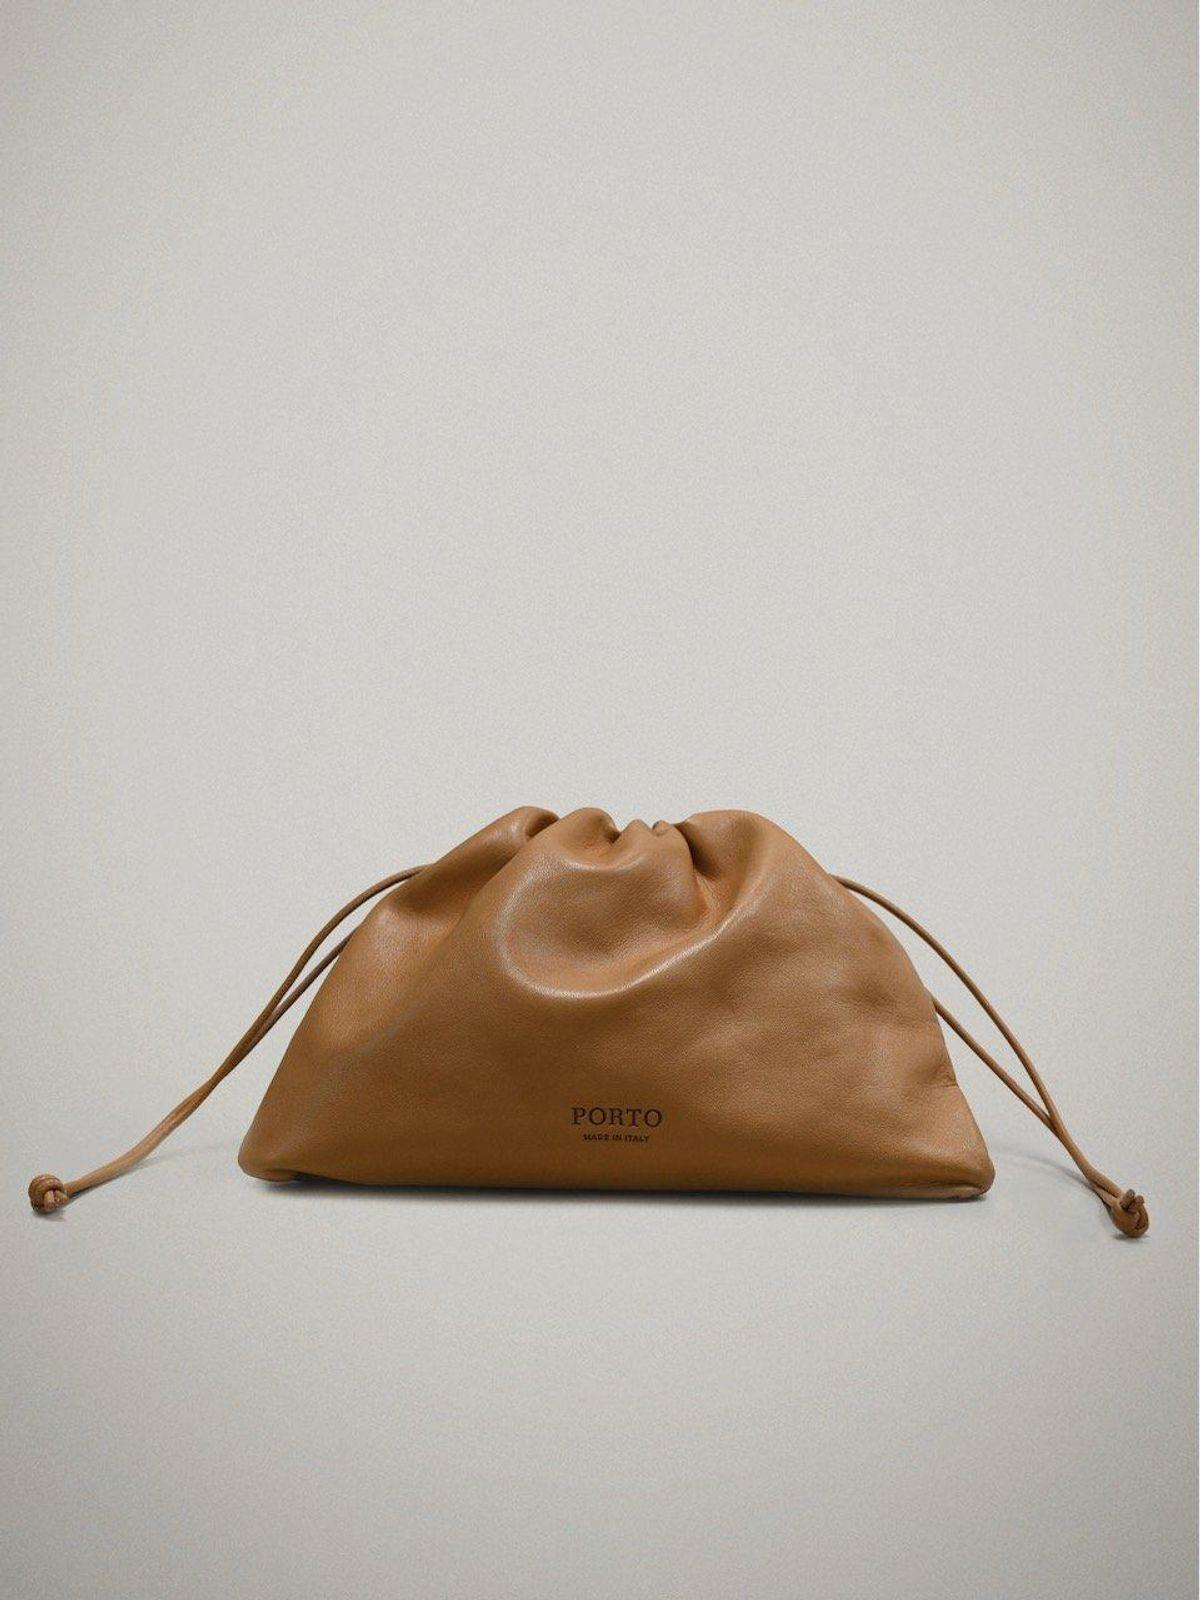 porto the pouch